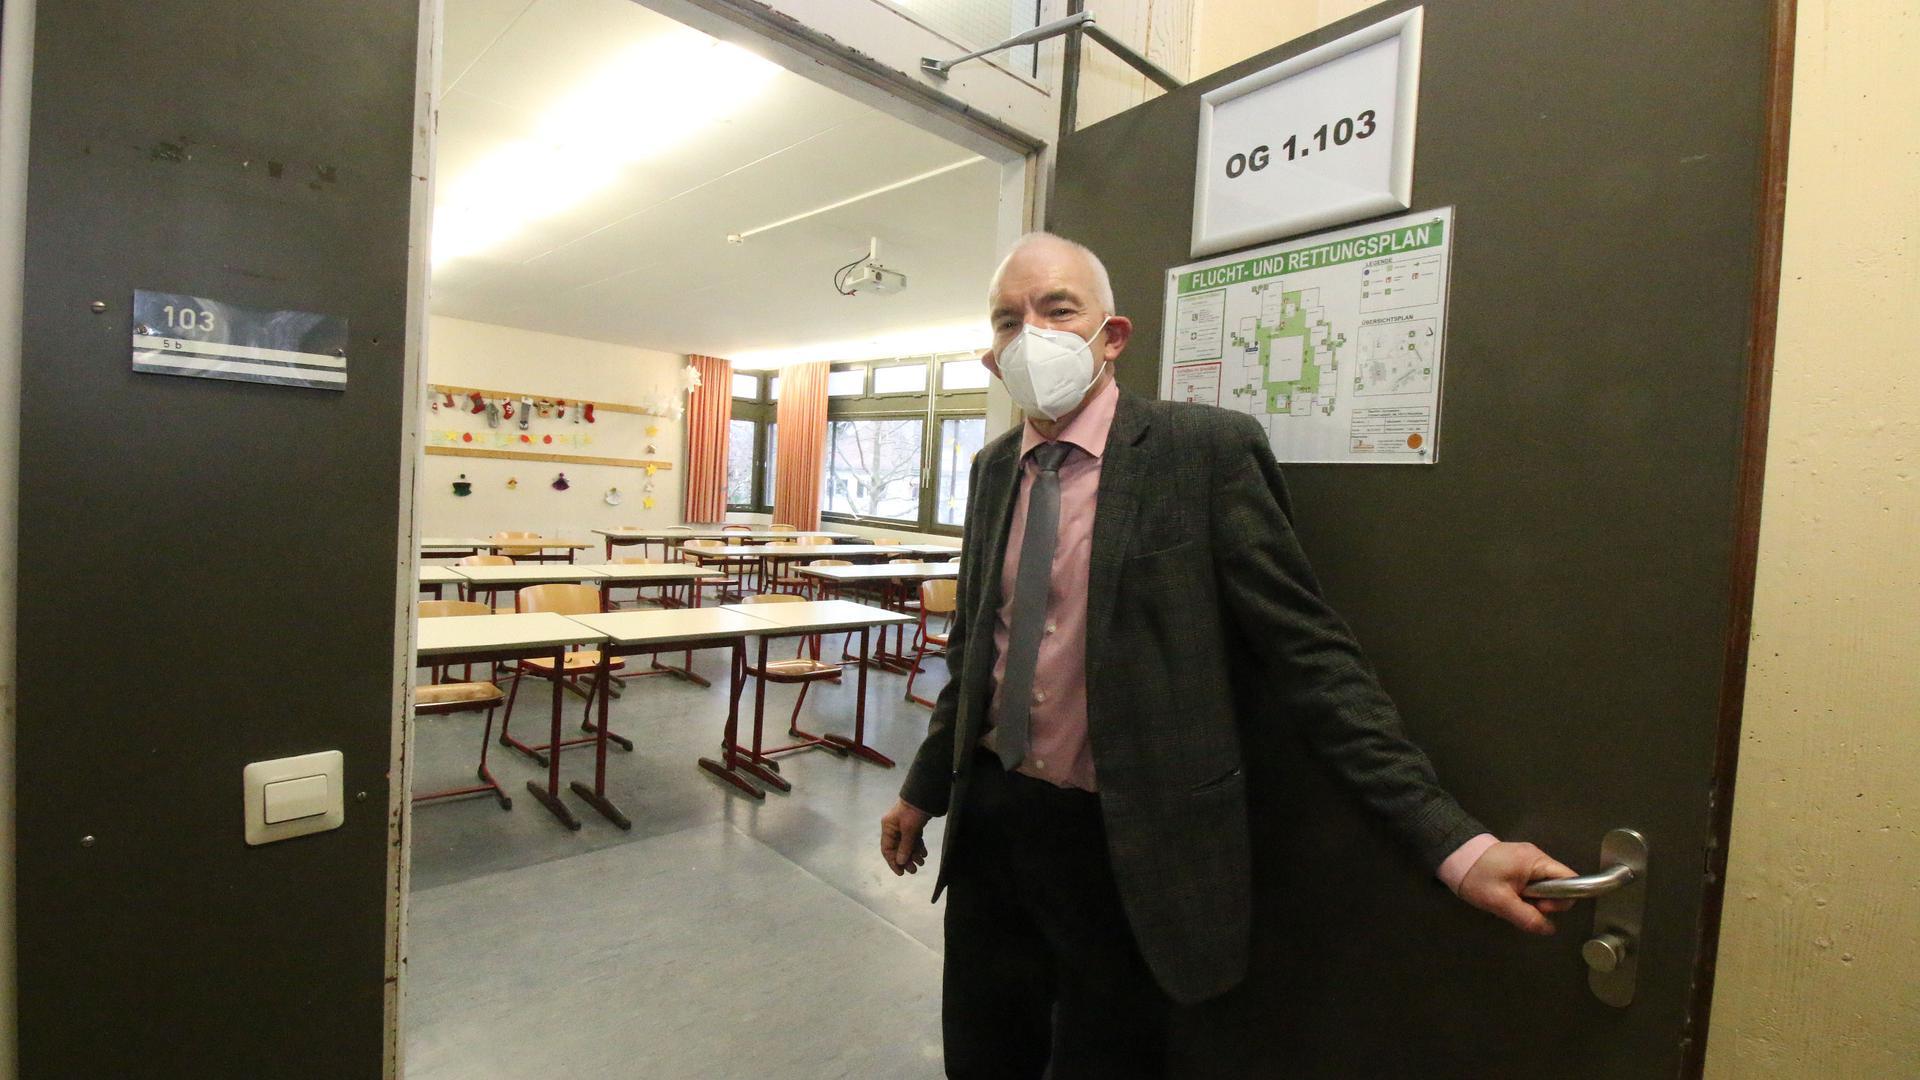 Mann zeigt auf leeres Klassenzimmer